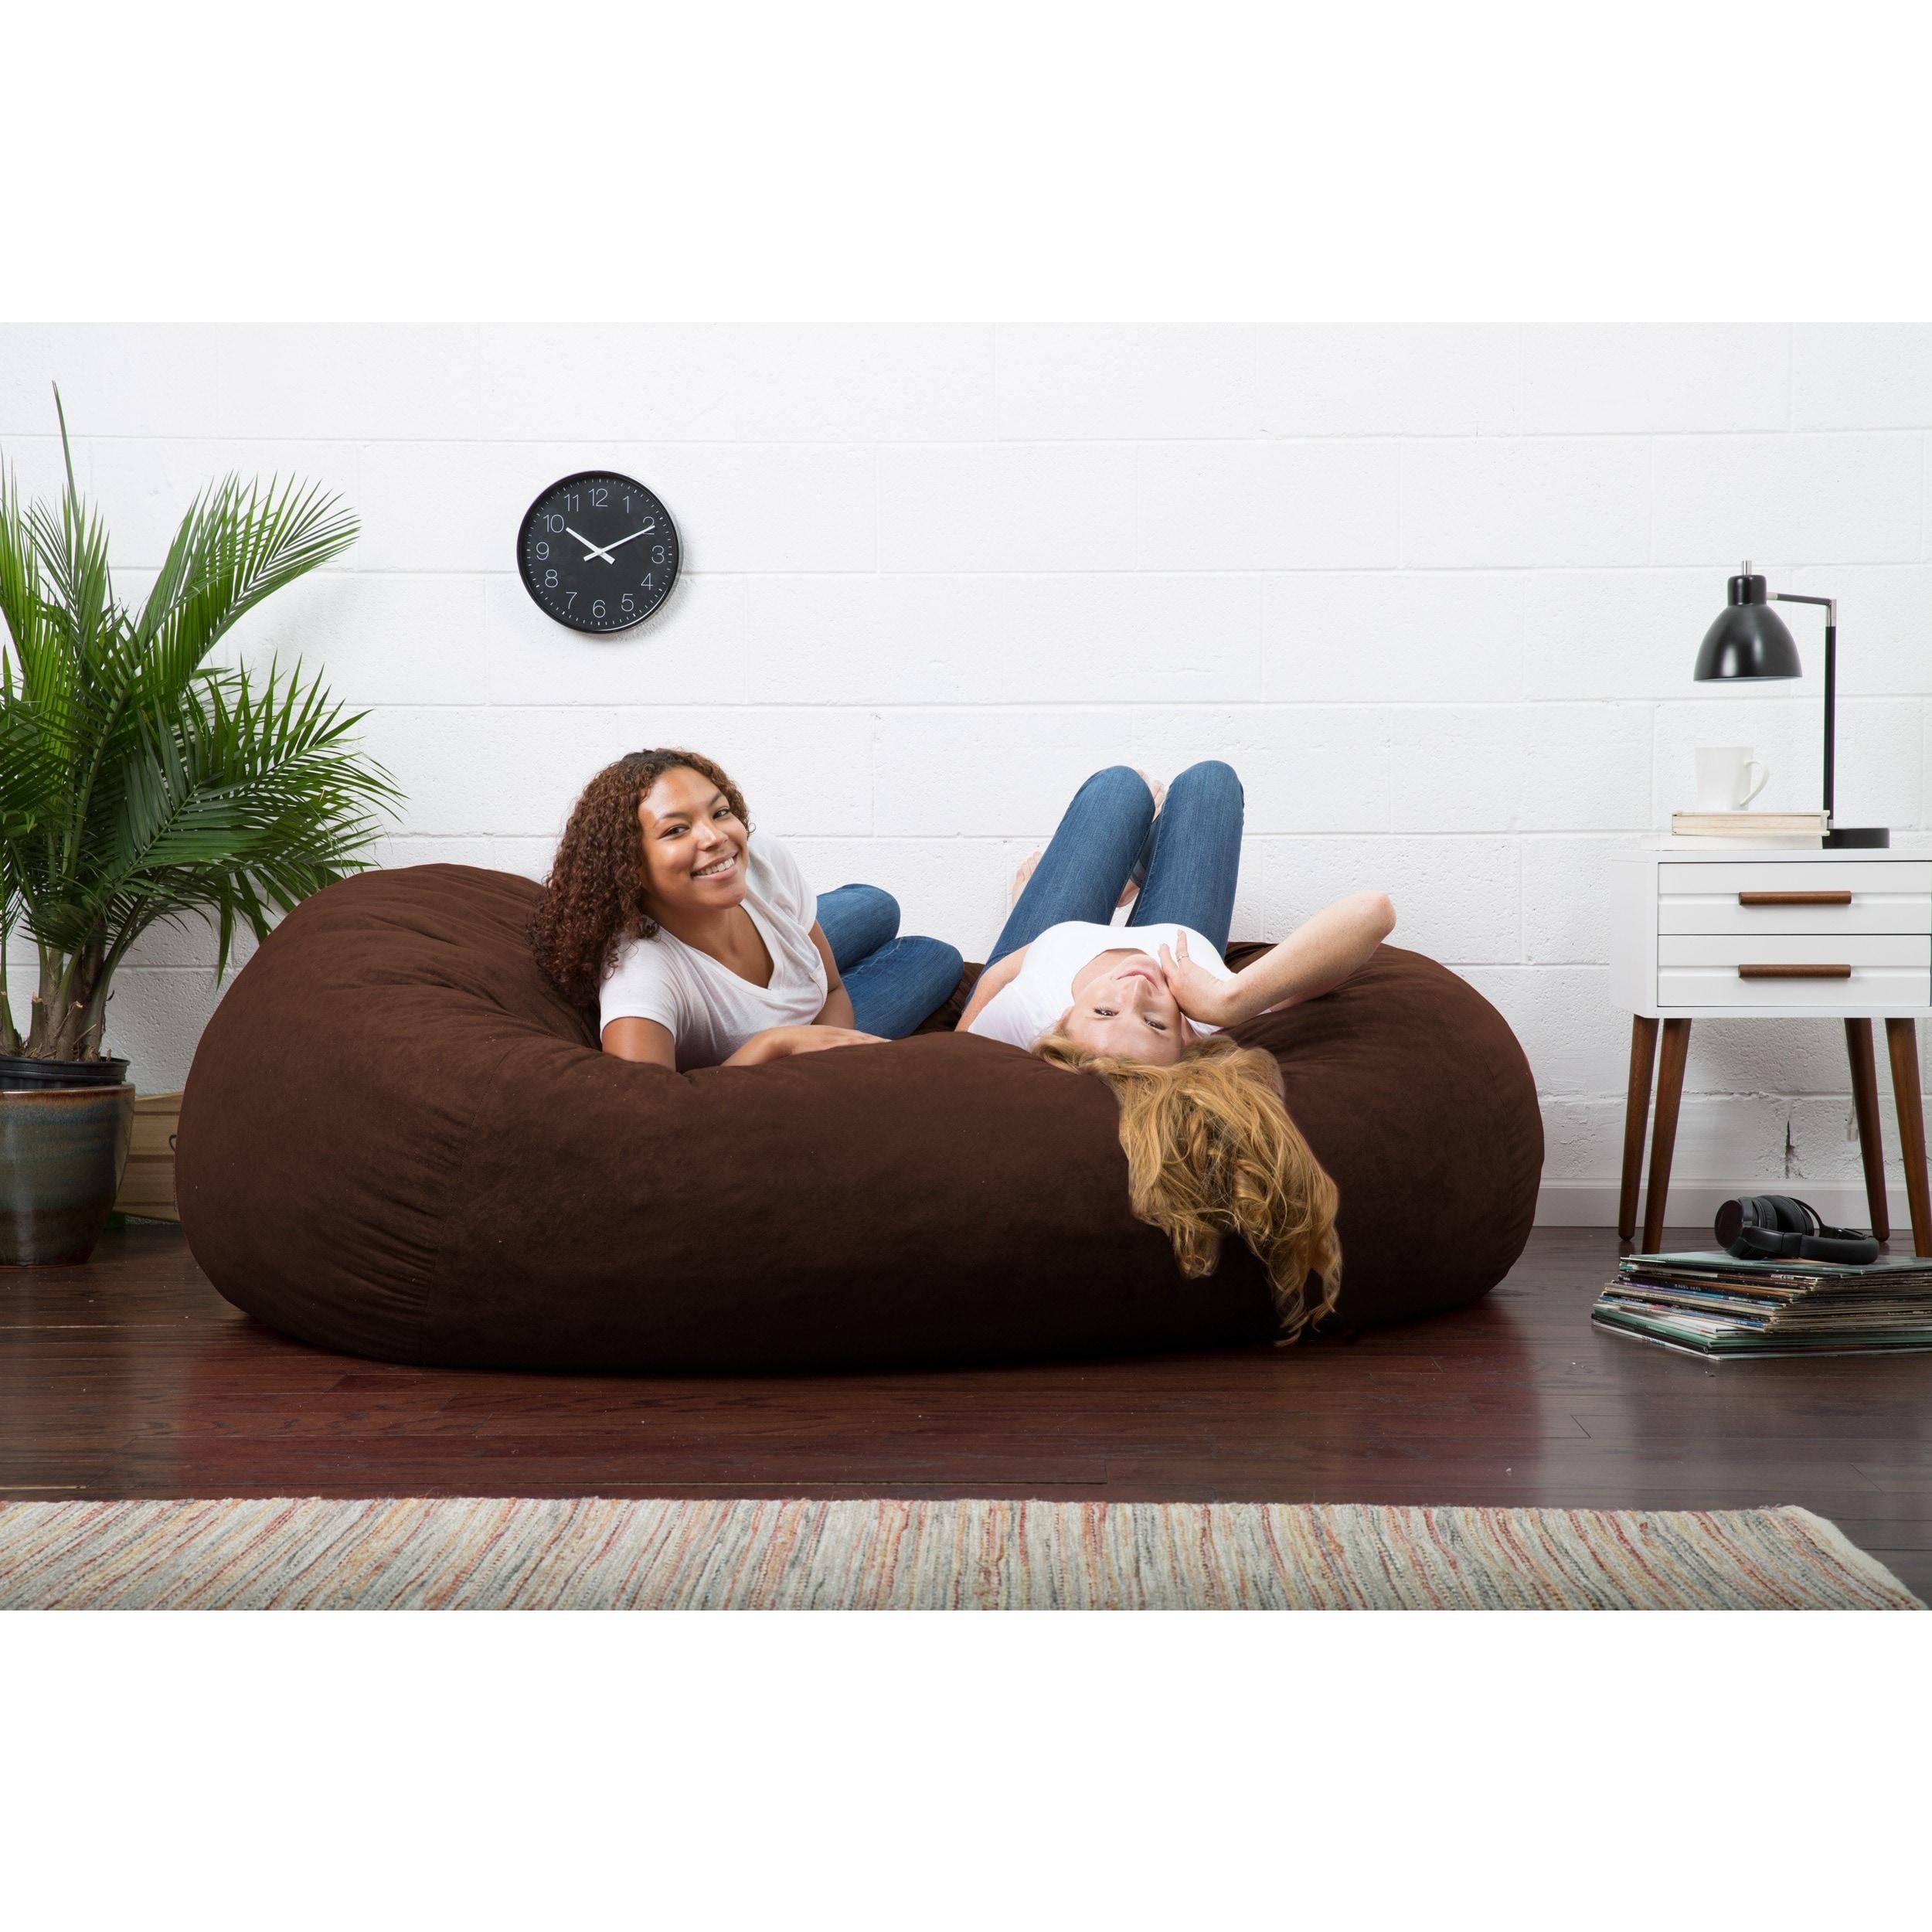 Unglaublich Xxl Couch Foto Von Shop Big Joe Fuf Chair - Free